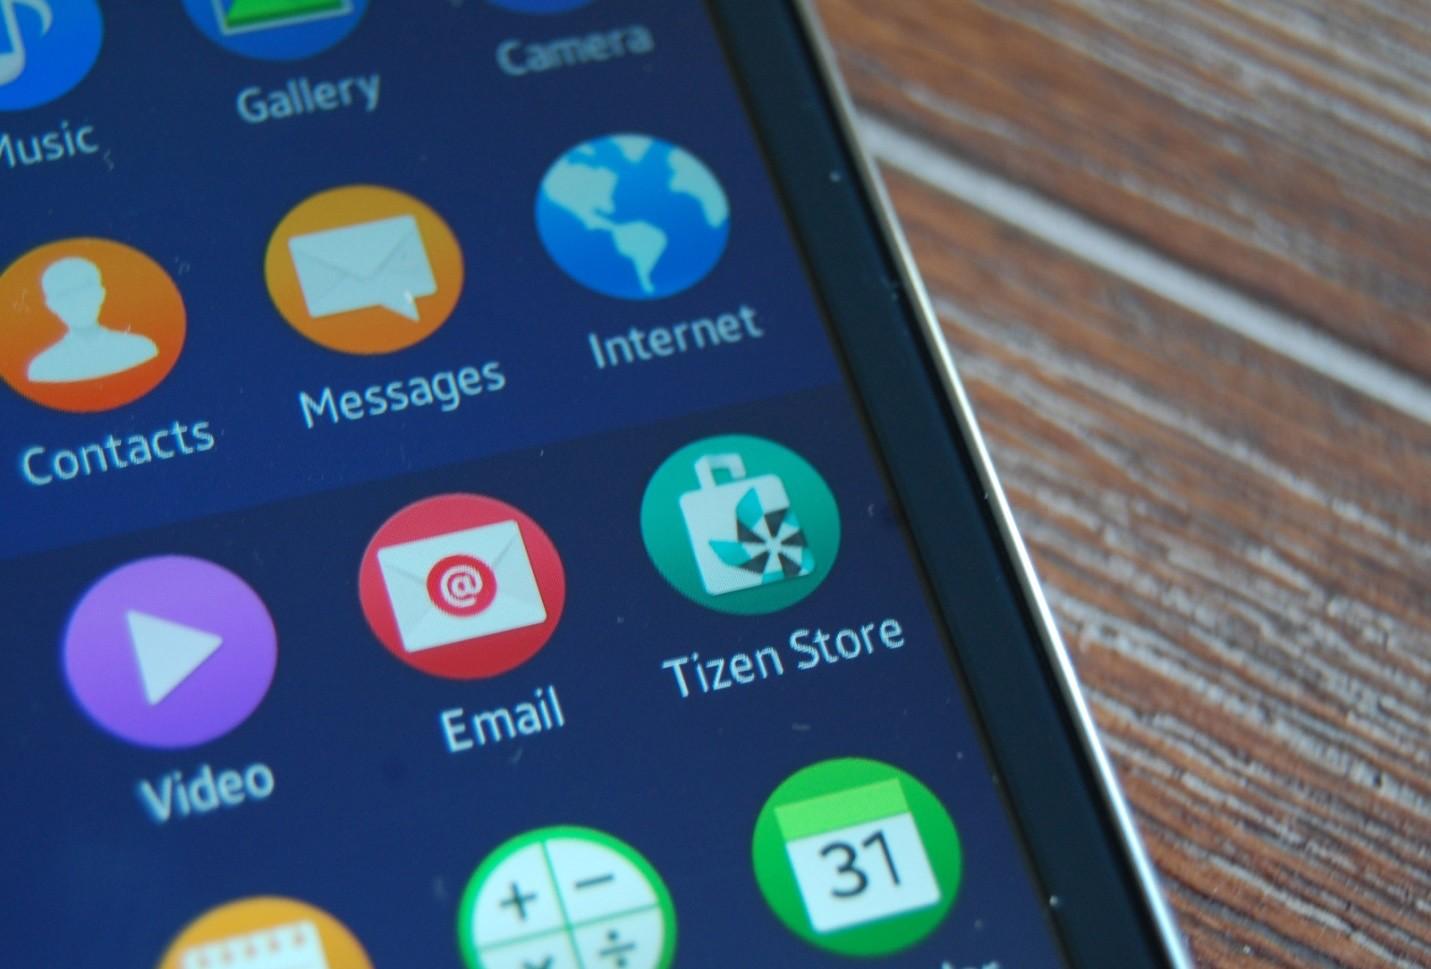 samsung z3 - Điện thoại Tizen Samsung Z3 sẽ có mặt trong năm nay